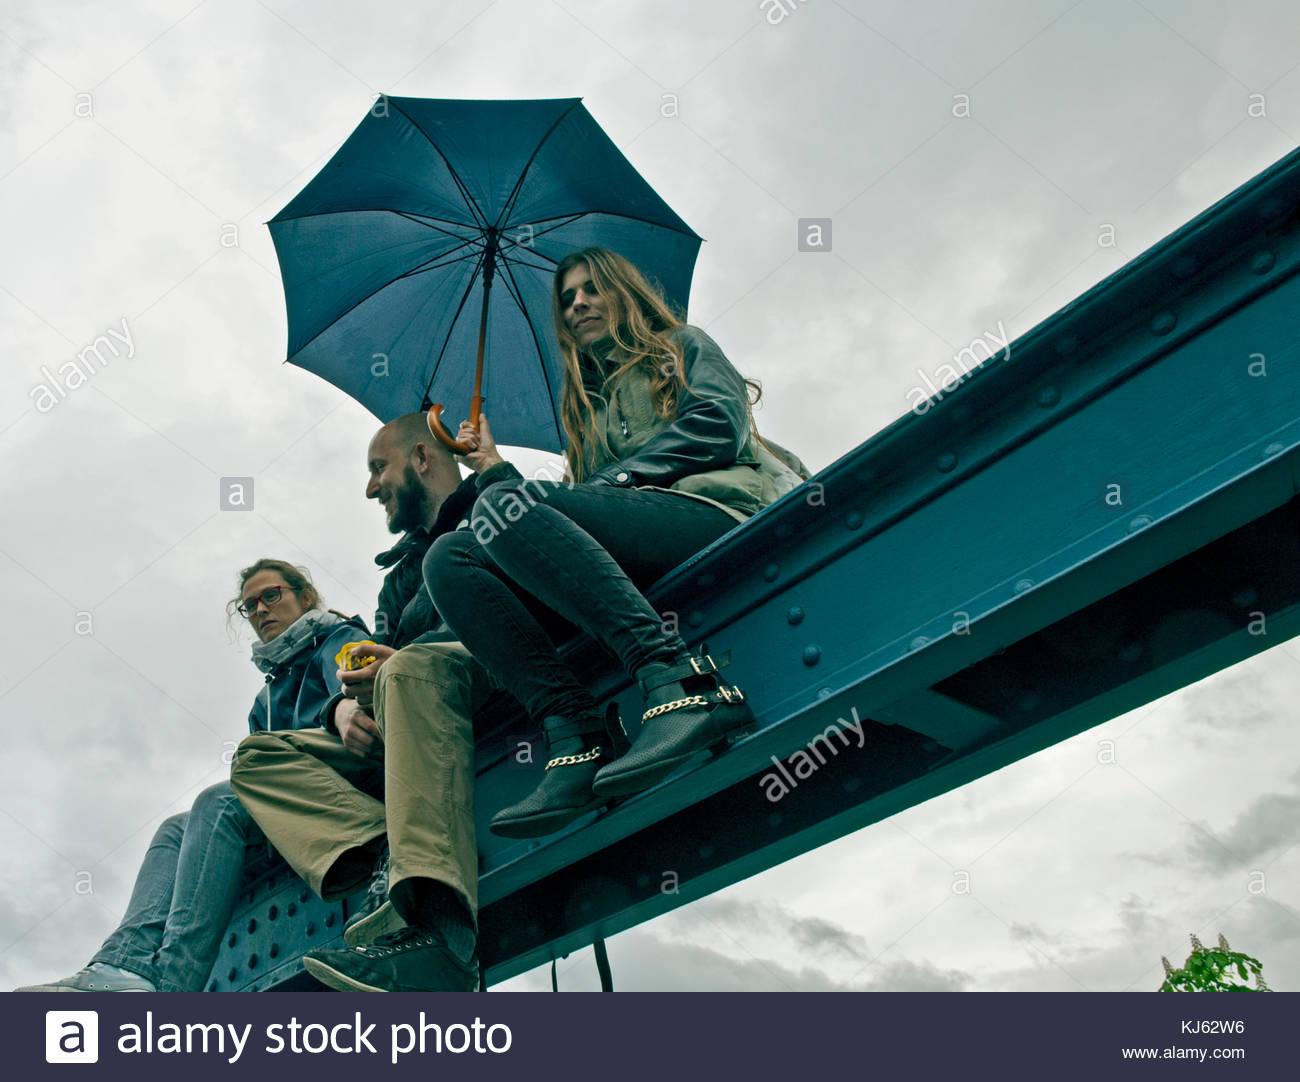 Tre amici seduti su una ringhiera a ponte in un giorno di pioggia. basso angolo di visione Immagini Stock